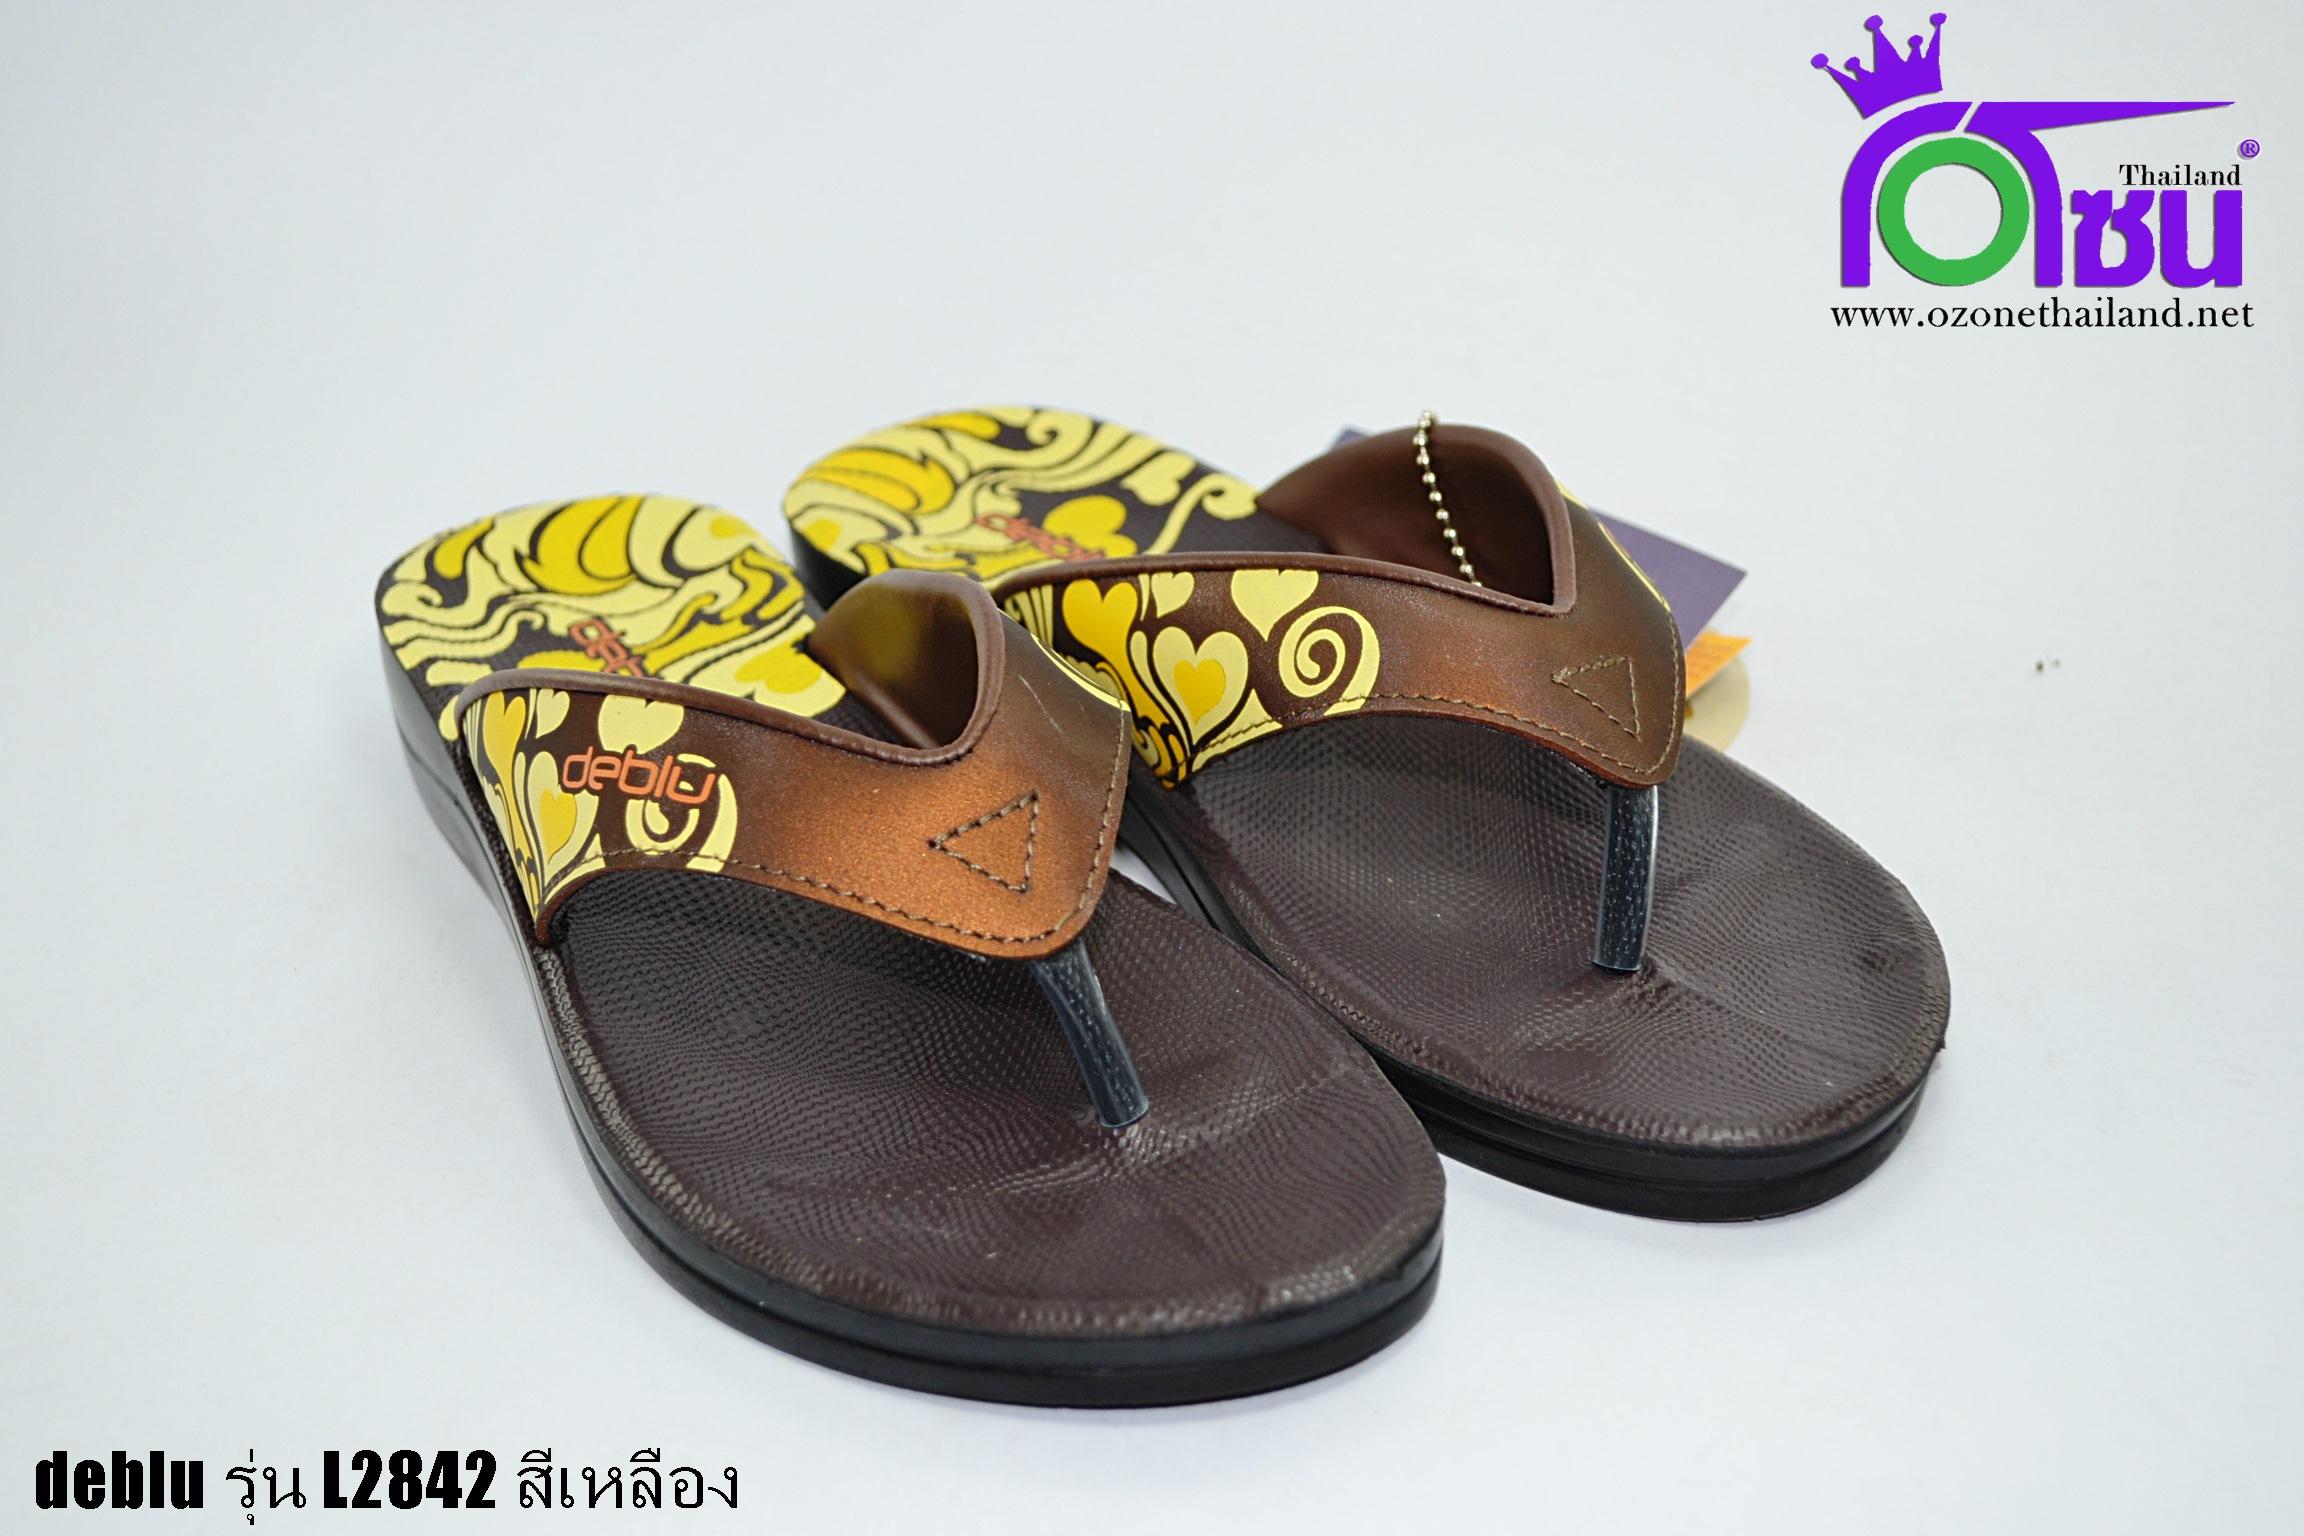 รองเท้าเดอบลู deblu รุ่นL2842 สีเหลือง เบอร์36-41